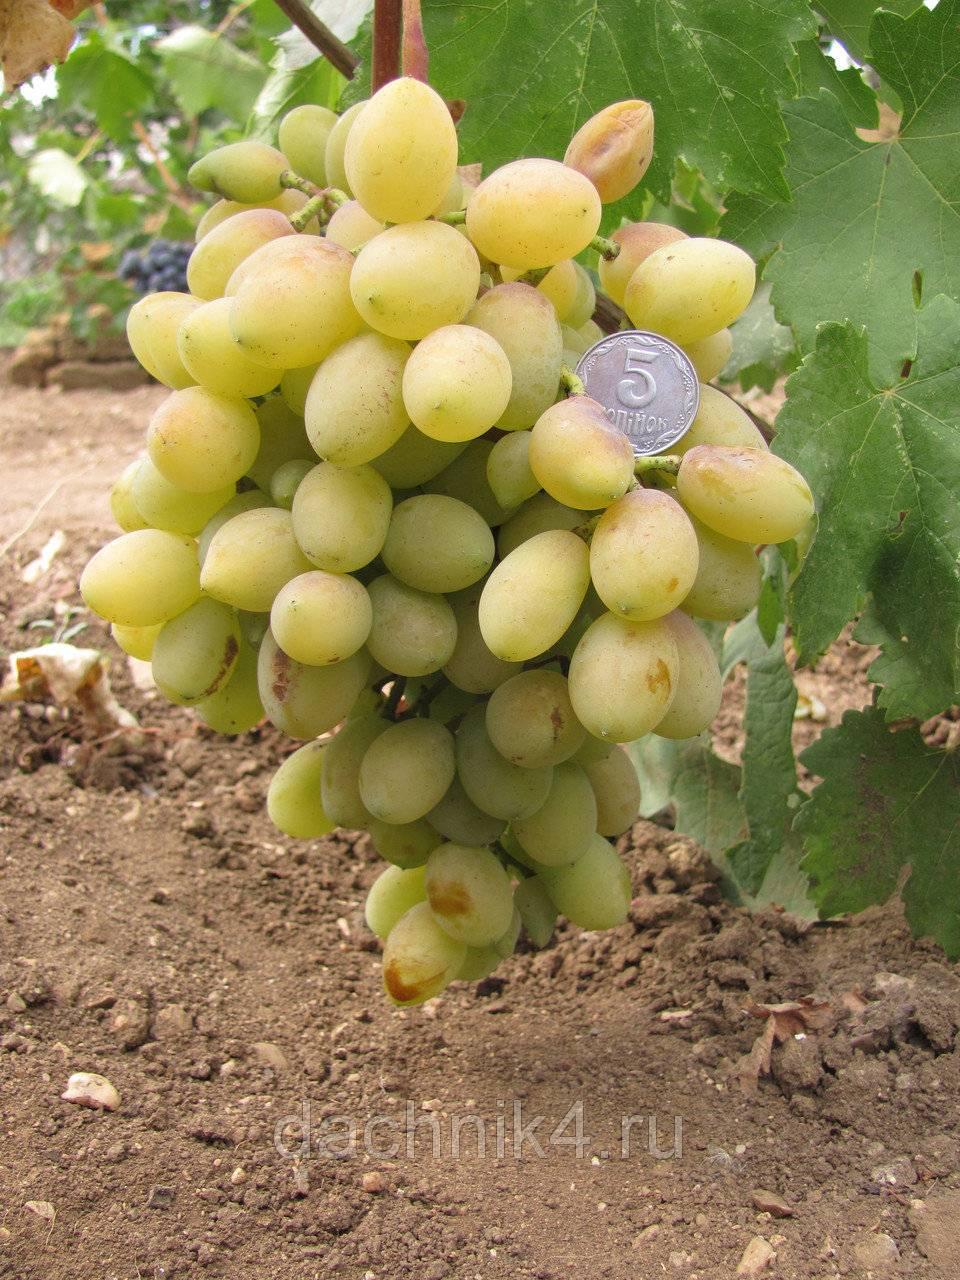 Виноград софия: селекция, описание, посадка и уход, достоинства, отзывы